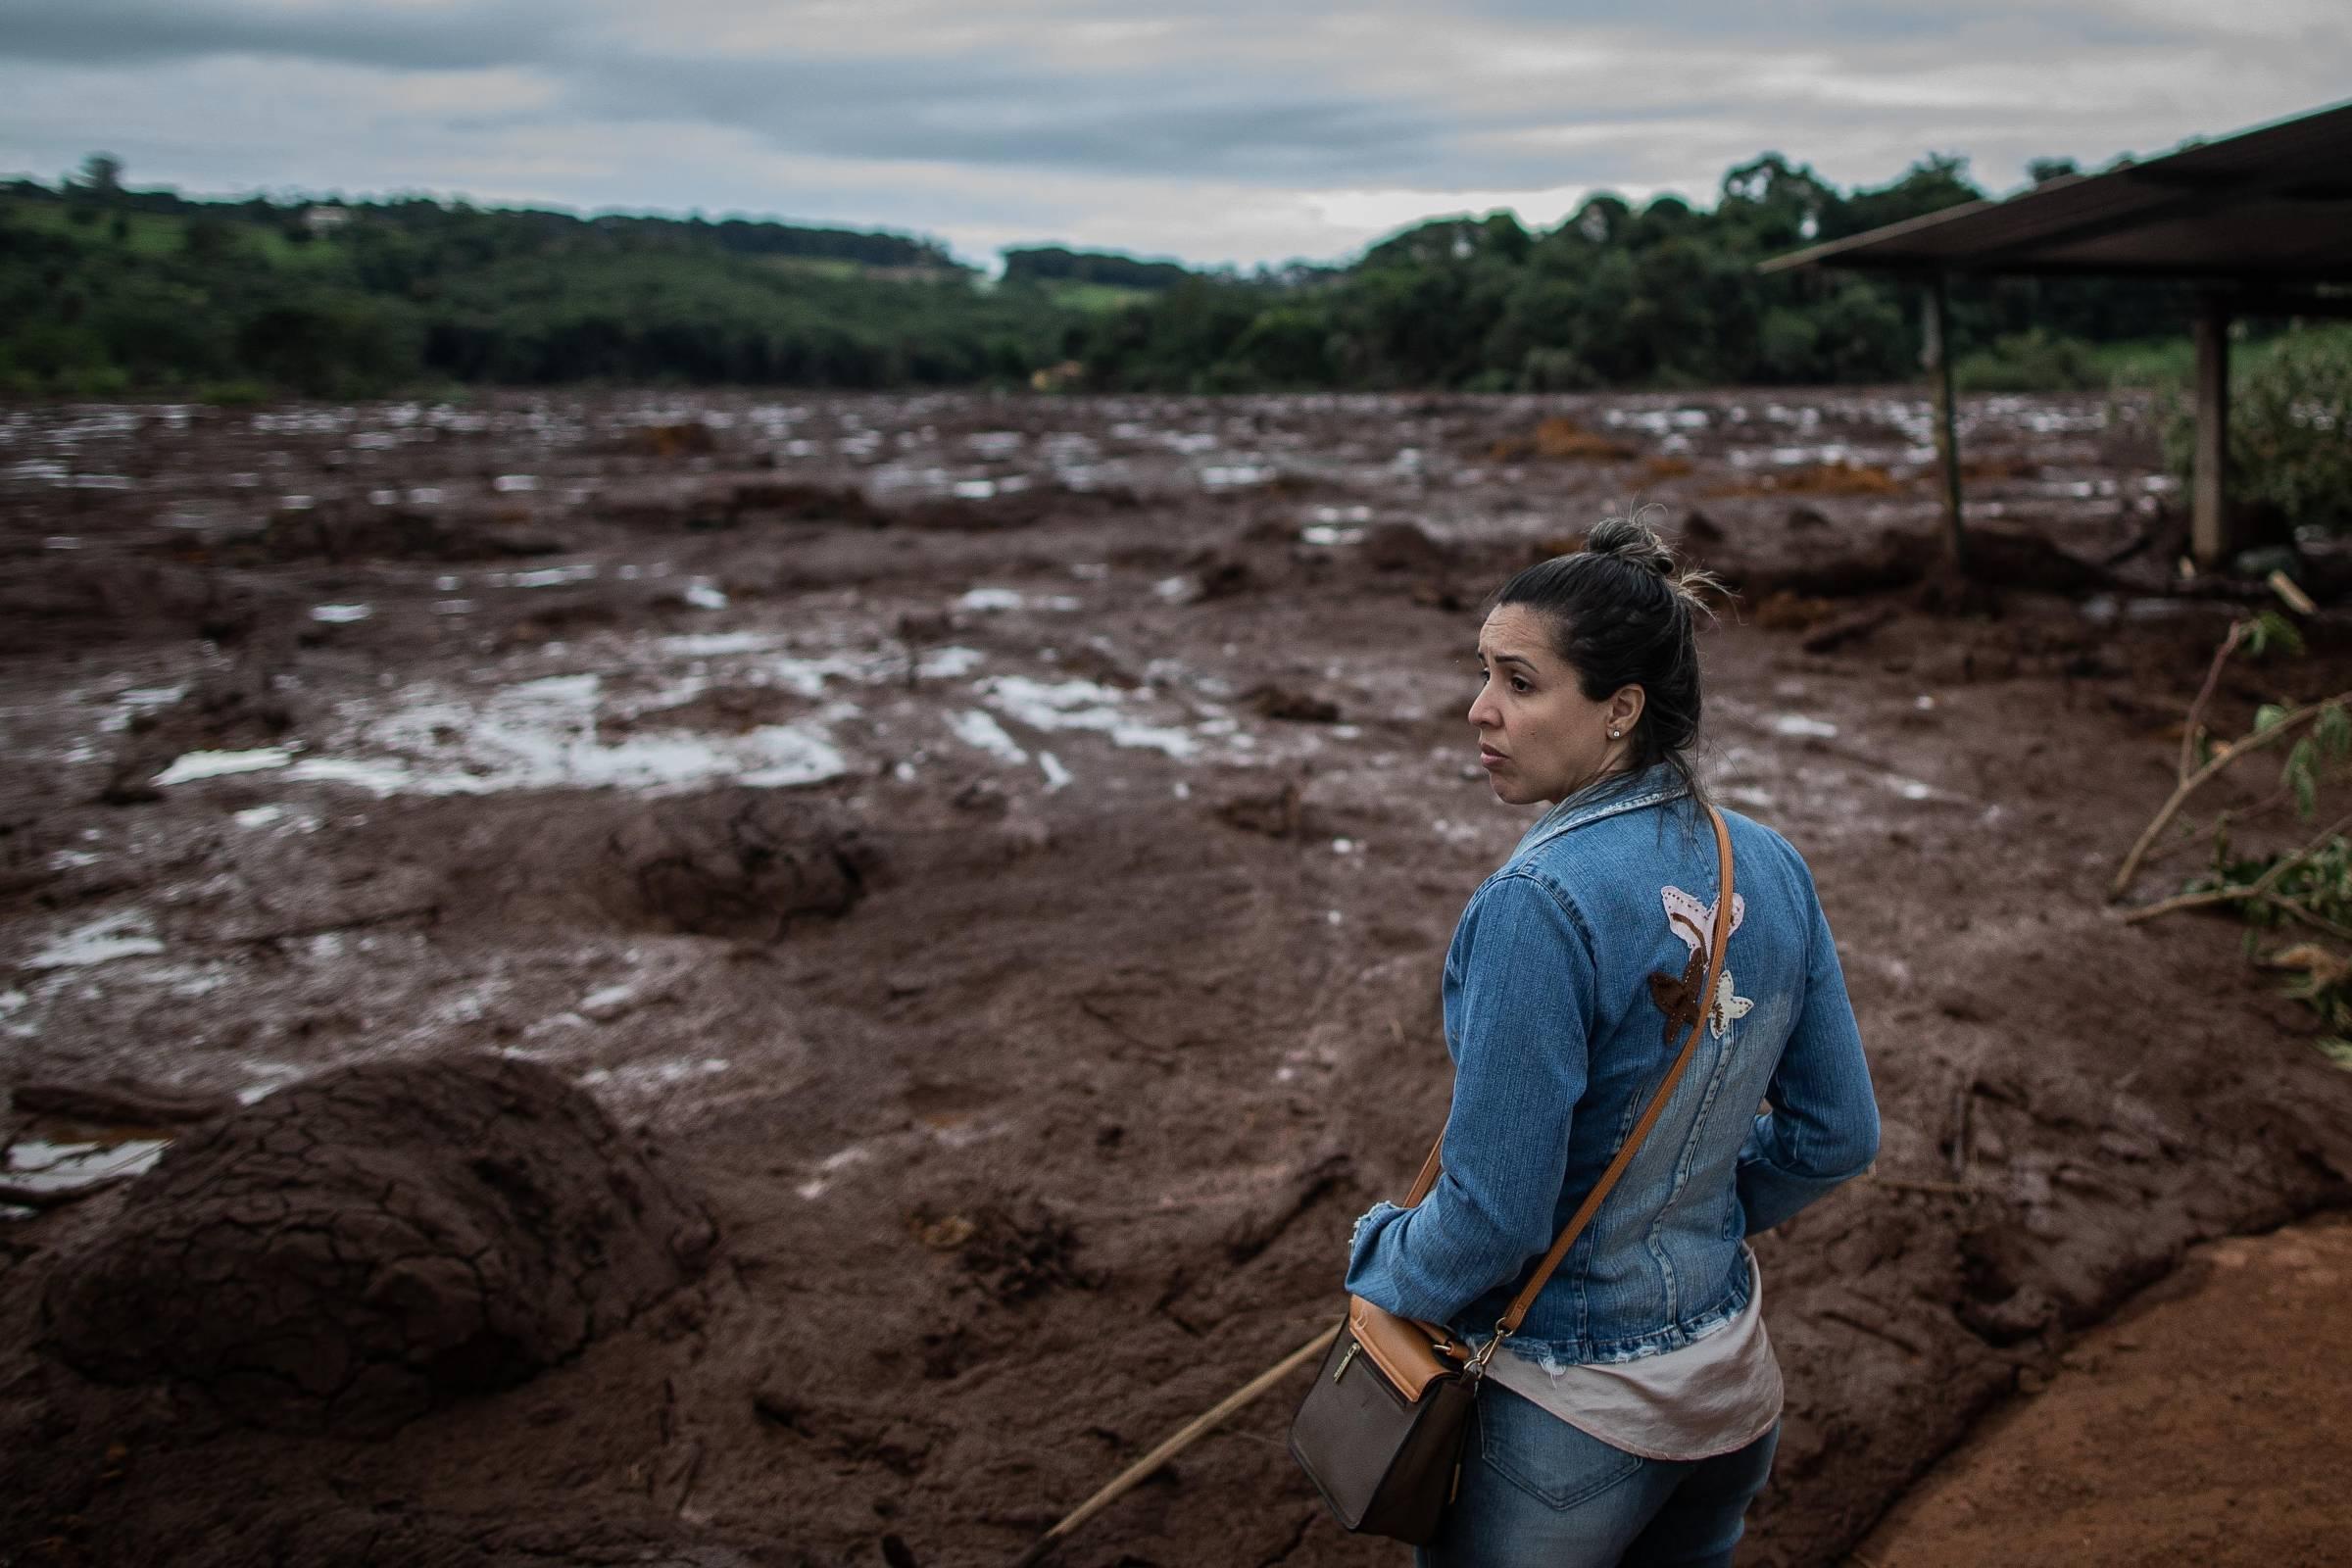 Tragedia Em Suzano Hoje Pinterest: 'Desastre De Brumadinho Deve Ser Investigado Como Um Crime